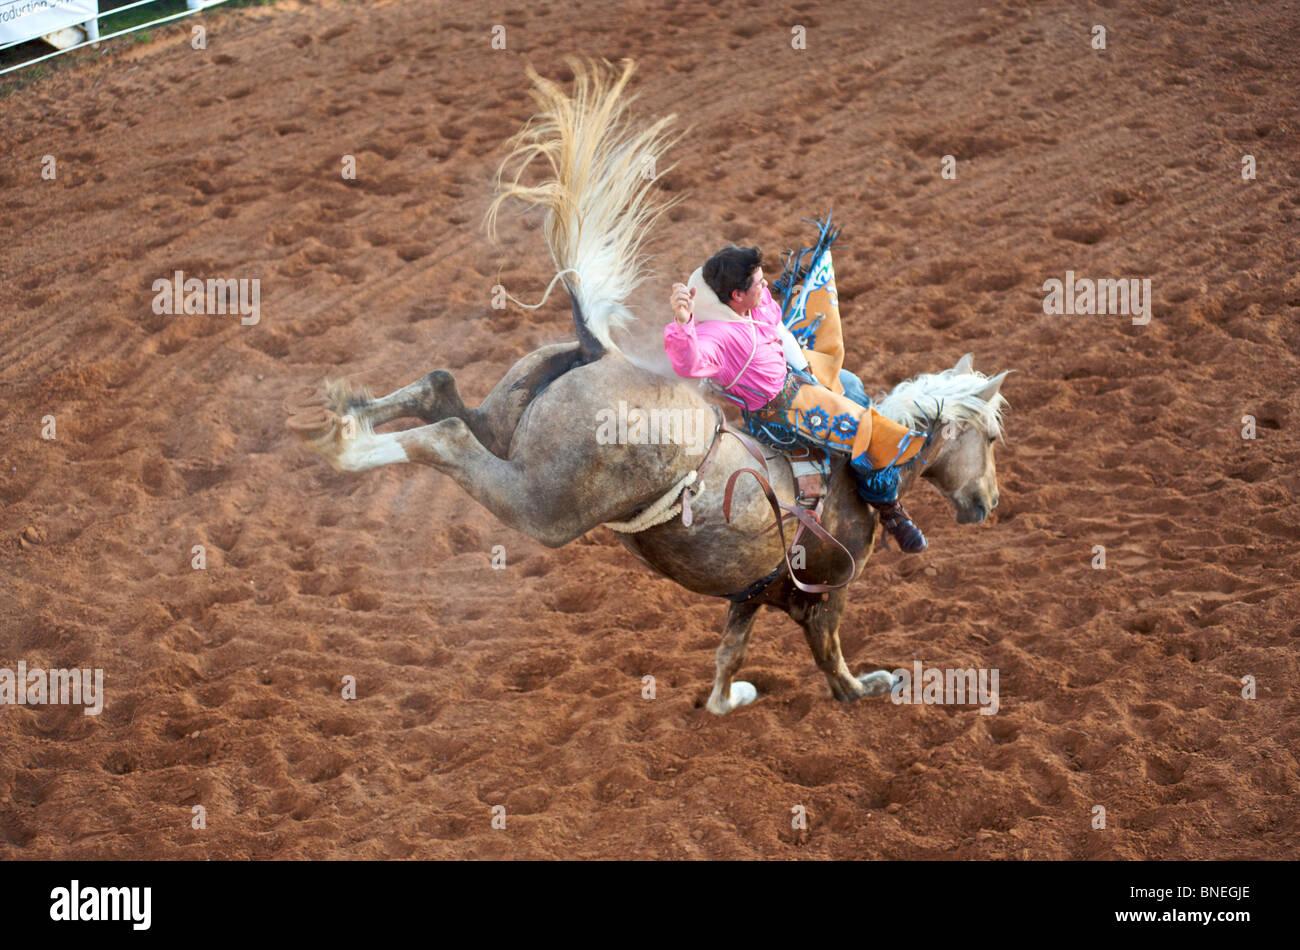 L'essayant de jeter Rodeo Cowboy membre de l'érythroblastopénie à partir de son retour à Petite-ville Texas Bridgeport Banque D'Images